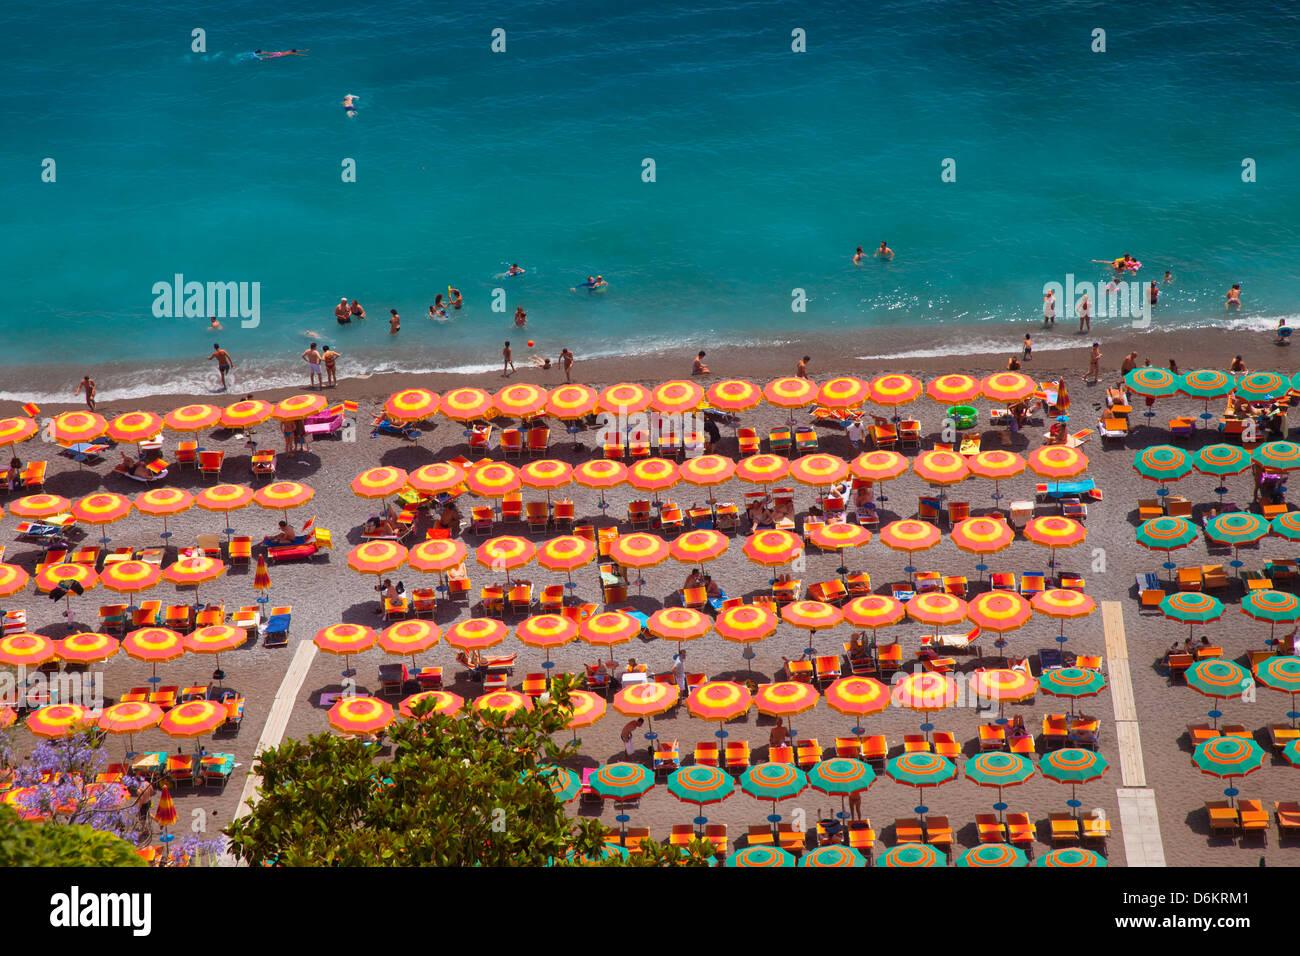 Amalfi Beach Holiday